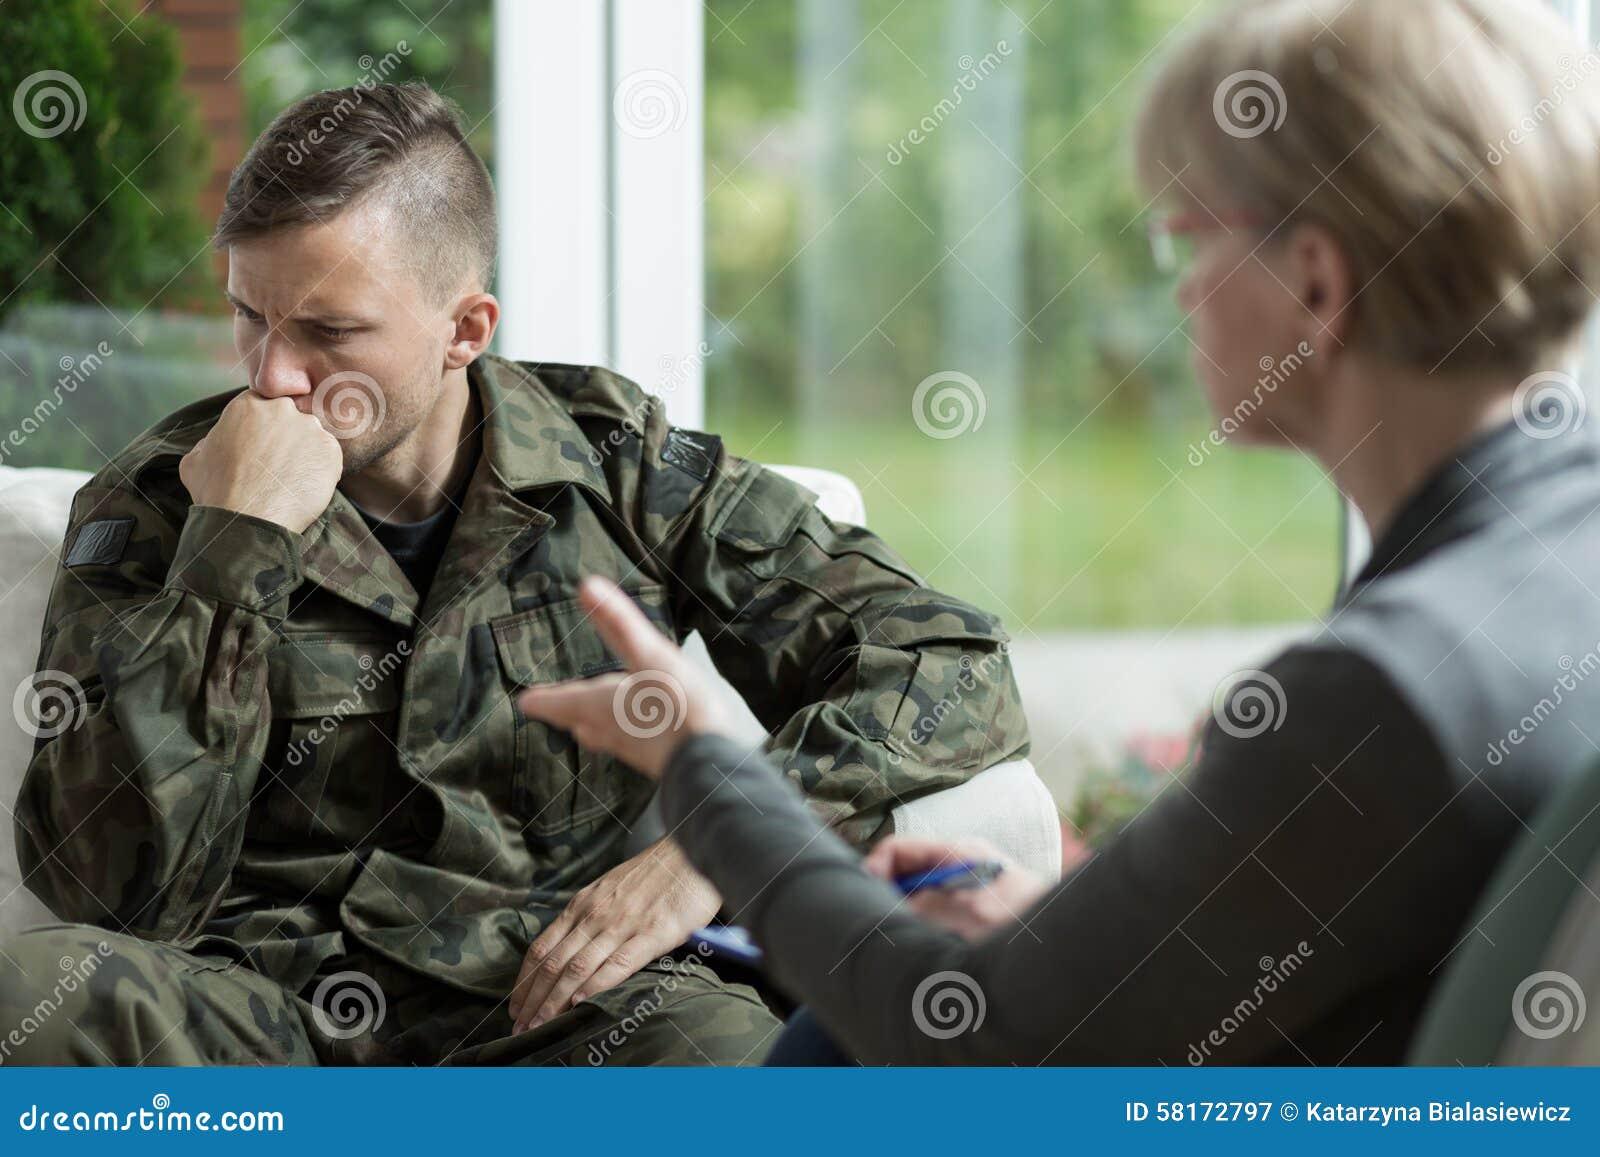 Veterano de guerra com problemas